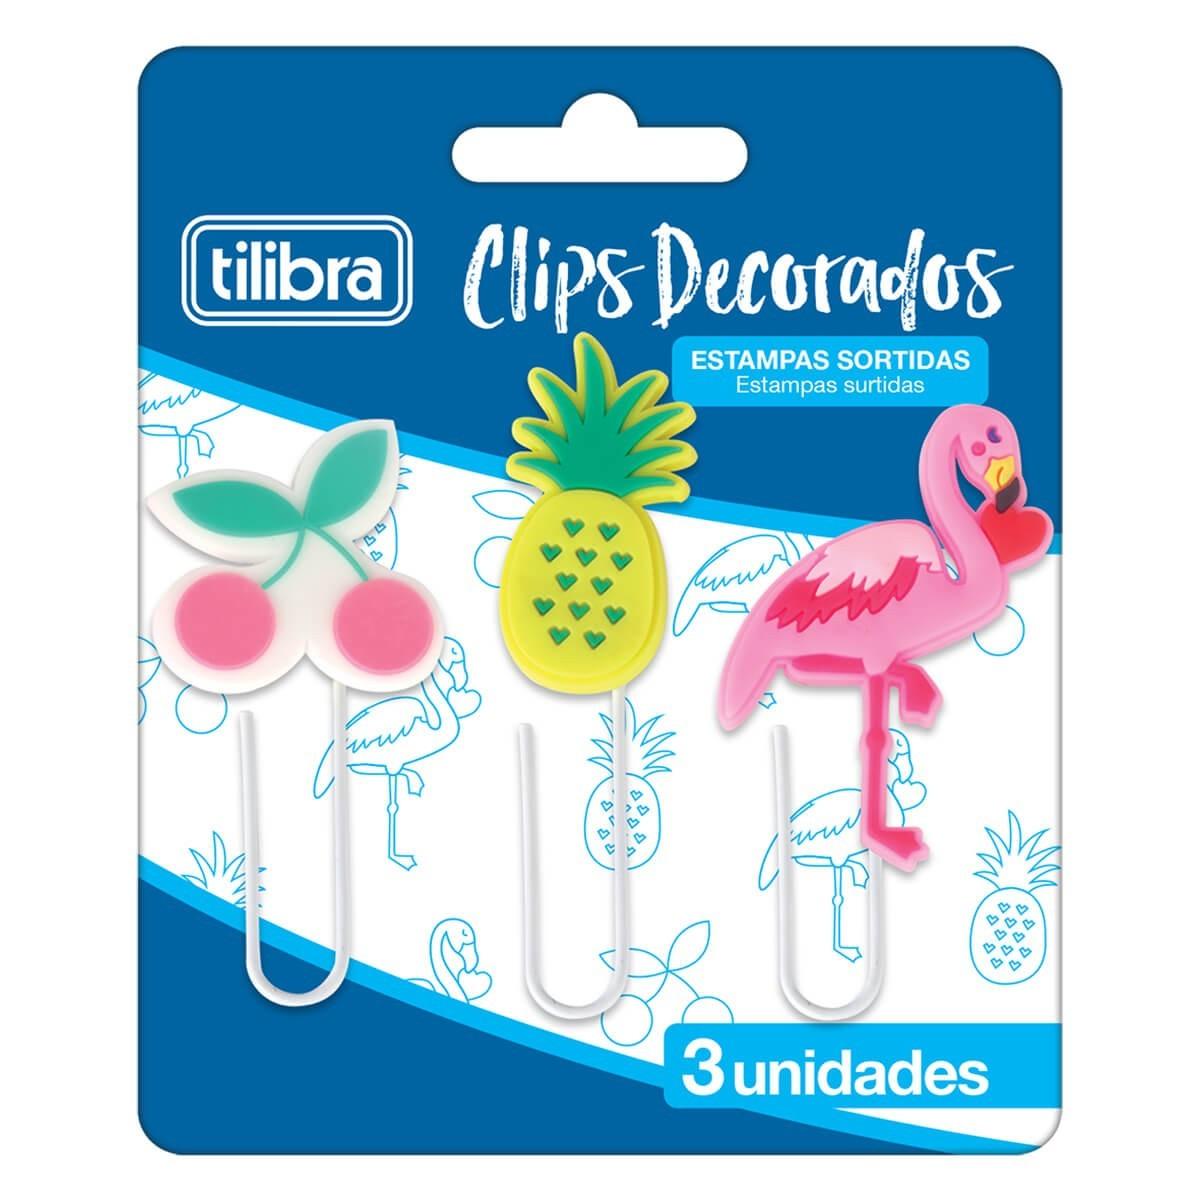 Clips Decorado Tilibra - 3 UN